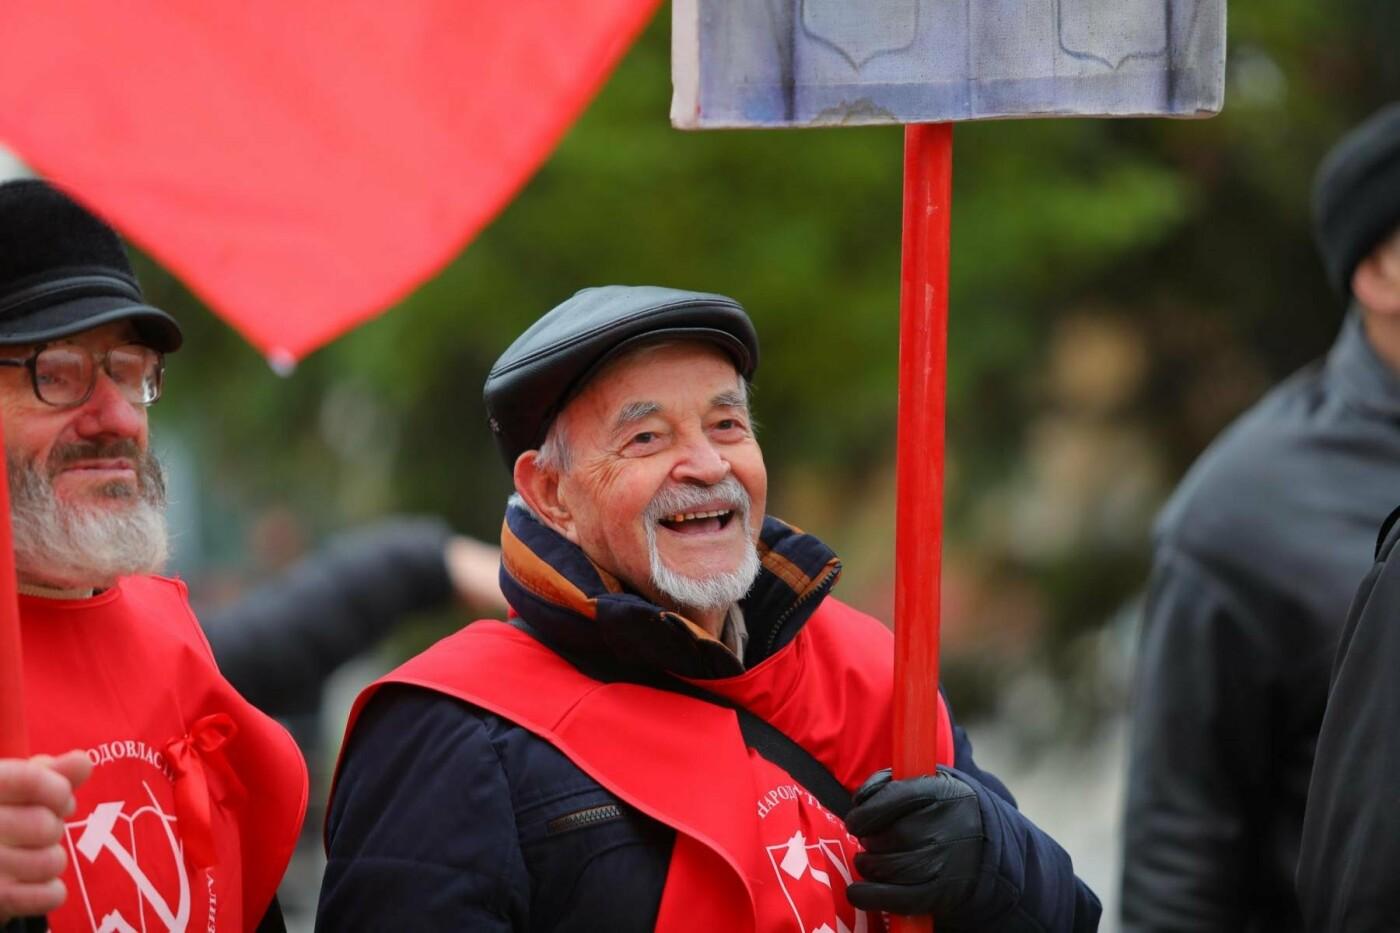 В парке Победы прошла демонстрация в честь 100-летия революции, фото-19